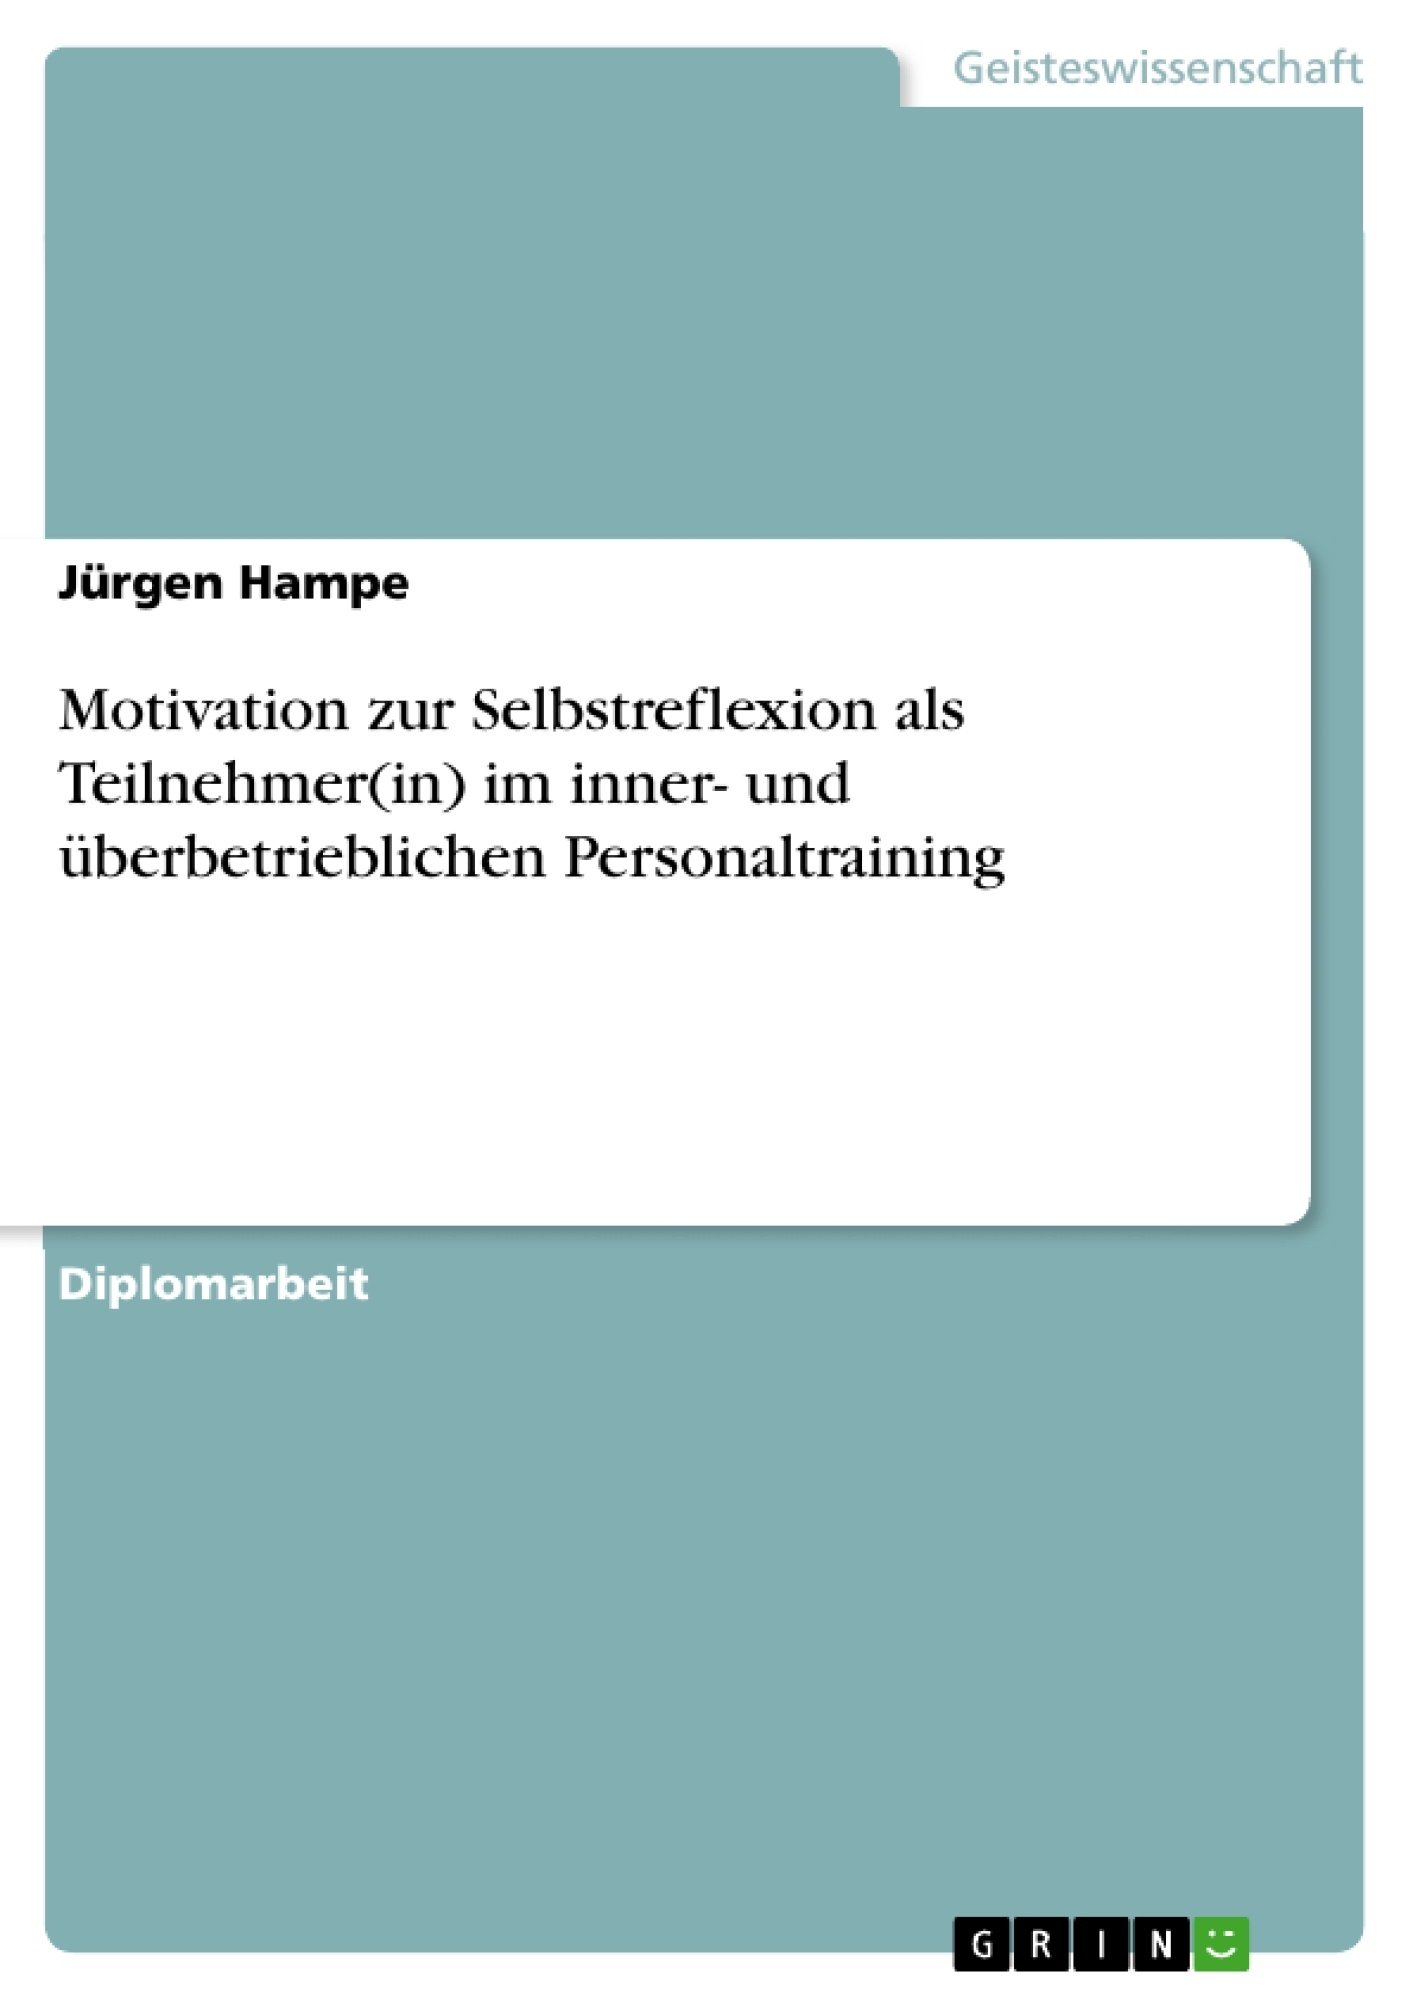 Titel: Motivation zur Selbstreflexion als Teilnehmer(in) im inner- und überbetrieblichen Personaltraining